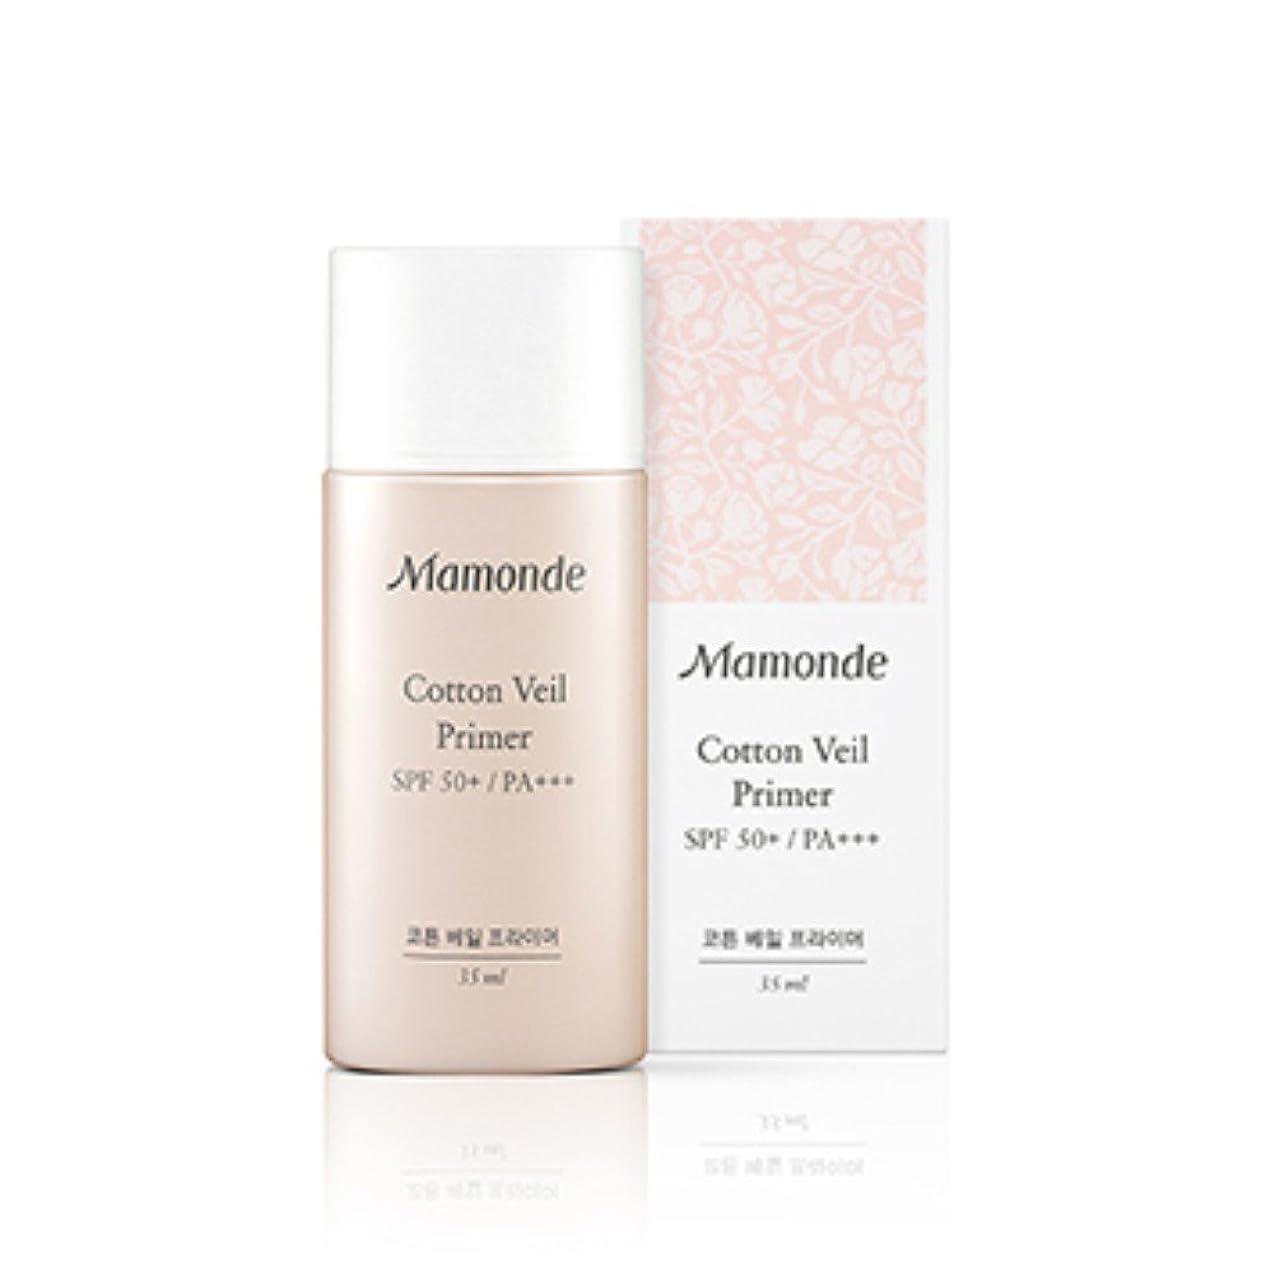 ドリル比類のない給料[New] Mamonde Cotton Veil Primer (SPF50+ PA+++) 35ml/マモンド コットン ベール プライマー (SPF50+ PA+++) 35ml (#2 Beige Rose) [並行輸入品]